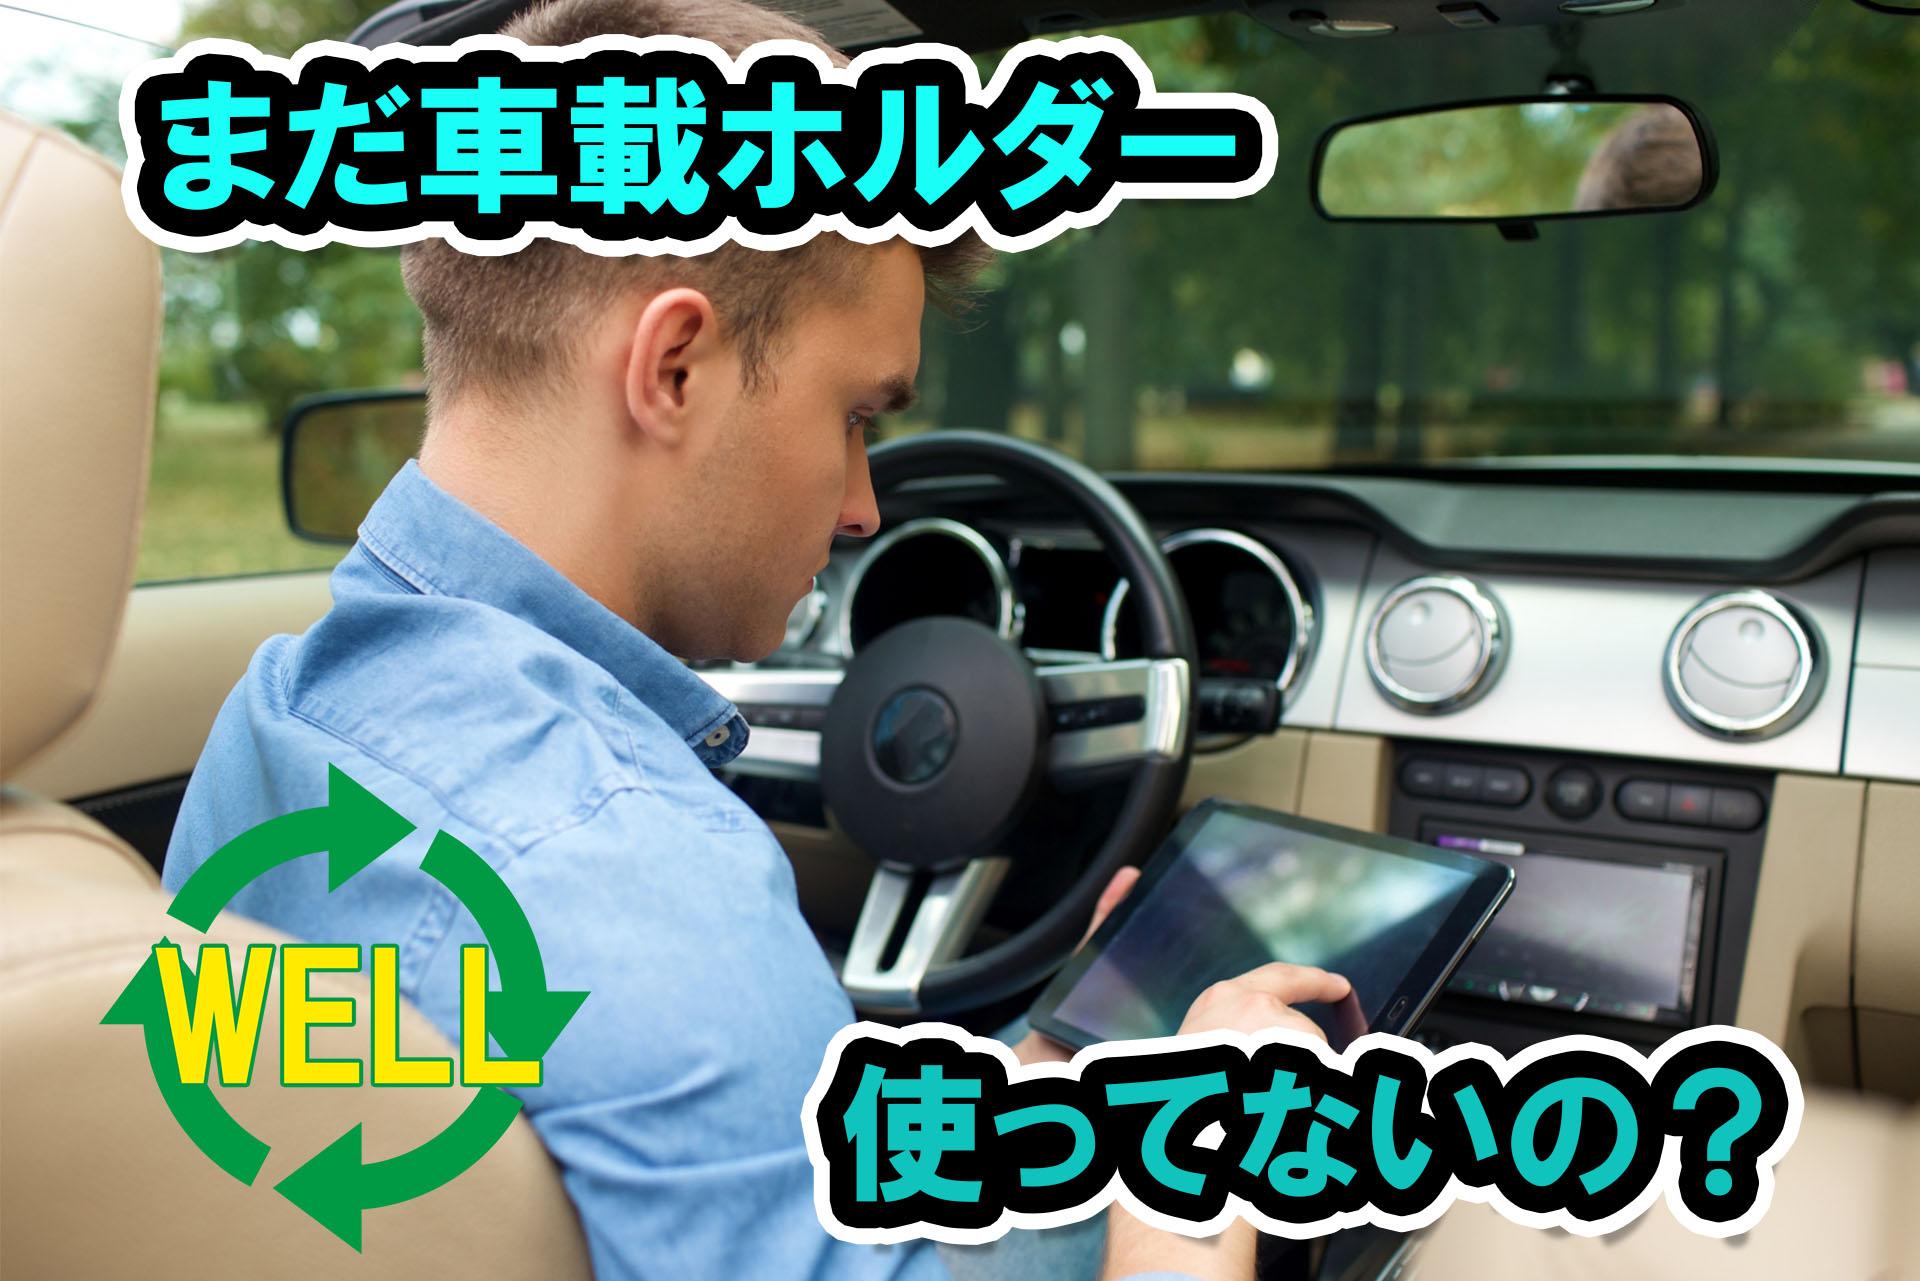 簡単取り付けおすすめの吸盤式車載ホルダーでタブレットやスマホをカーナビに